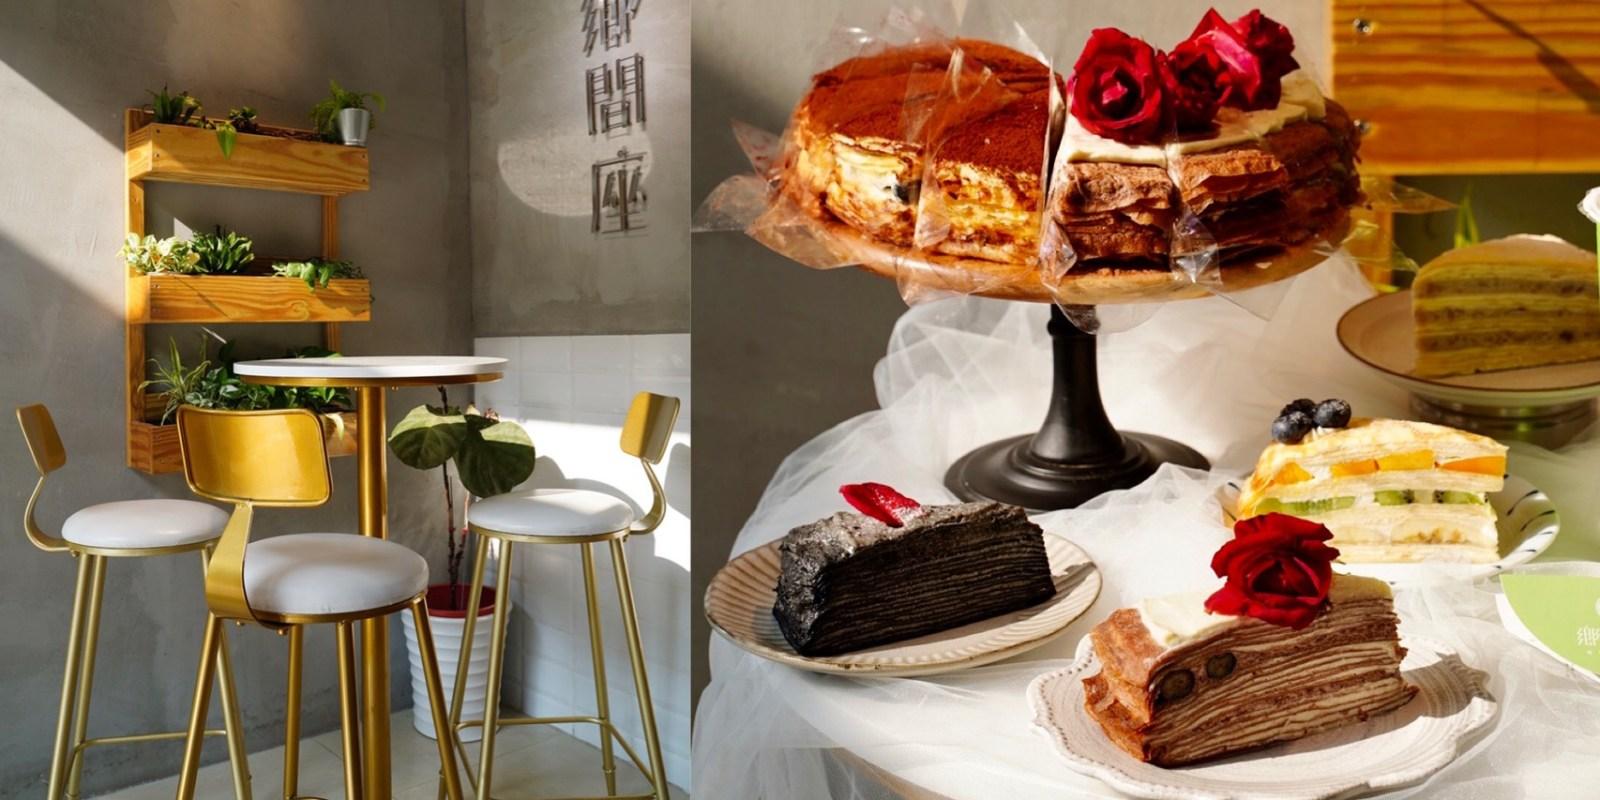 手工千層蛋糕專賣店『鄉間座』推出情人節限定「玫瑰千層蛋糕」,完全就是送禮自吃兩相宜!